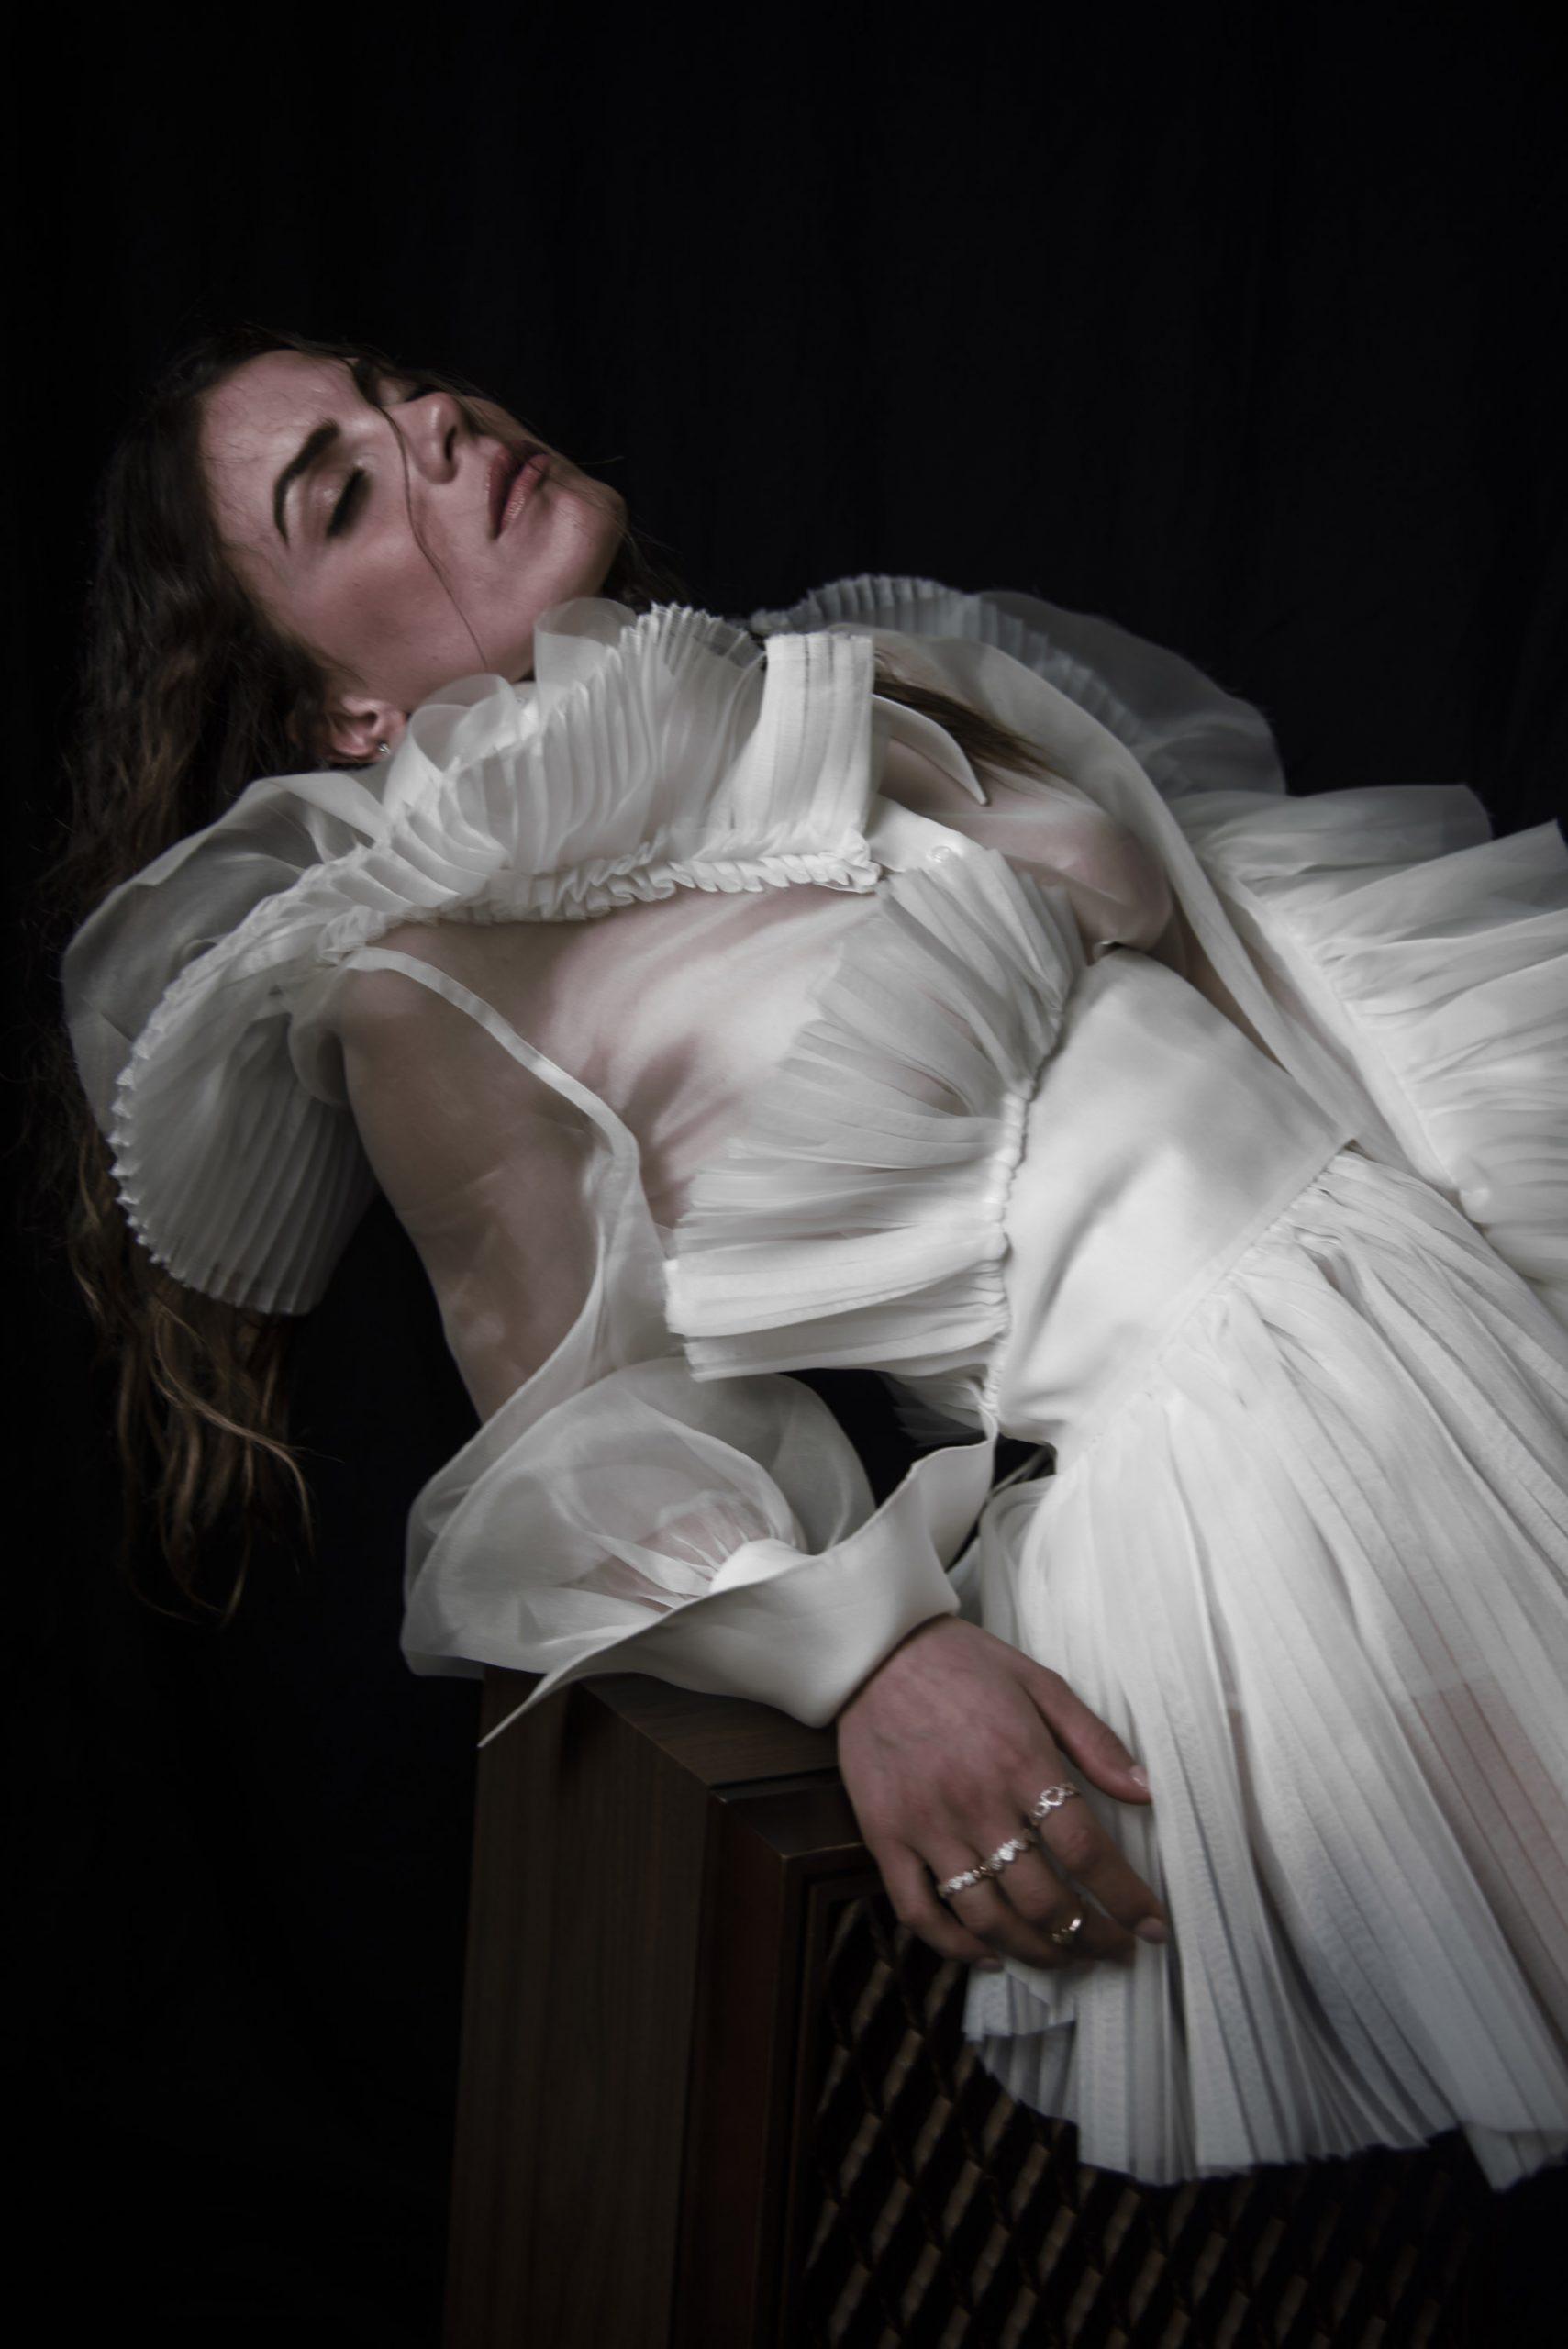 Categorie: Fashion, Fine Art - Photographer: GENNARO FRANCO (Interlunium) - Stylist: FRANCESCA STELLATO - Location: Napoli, NA, Italia